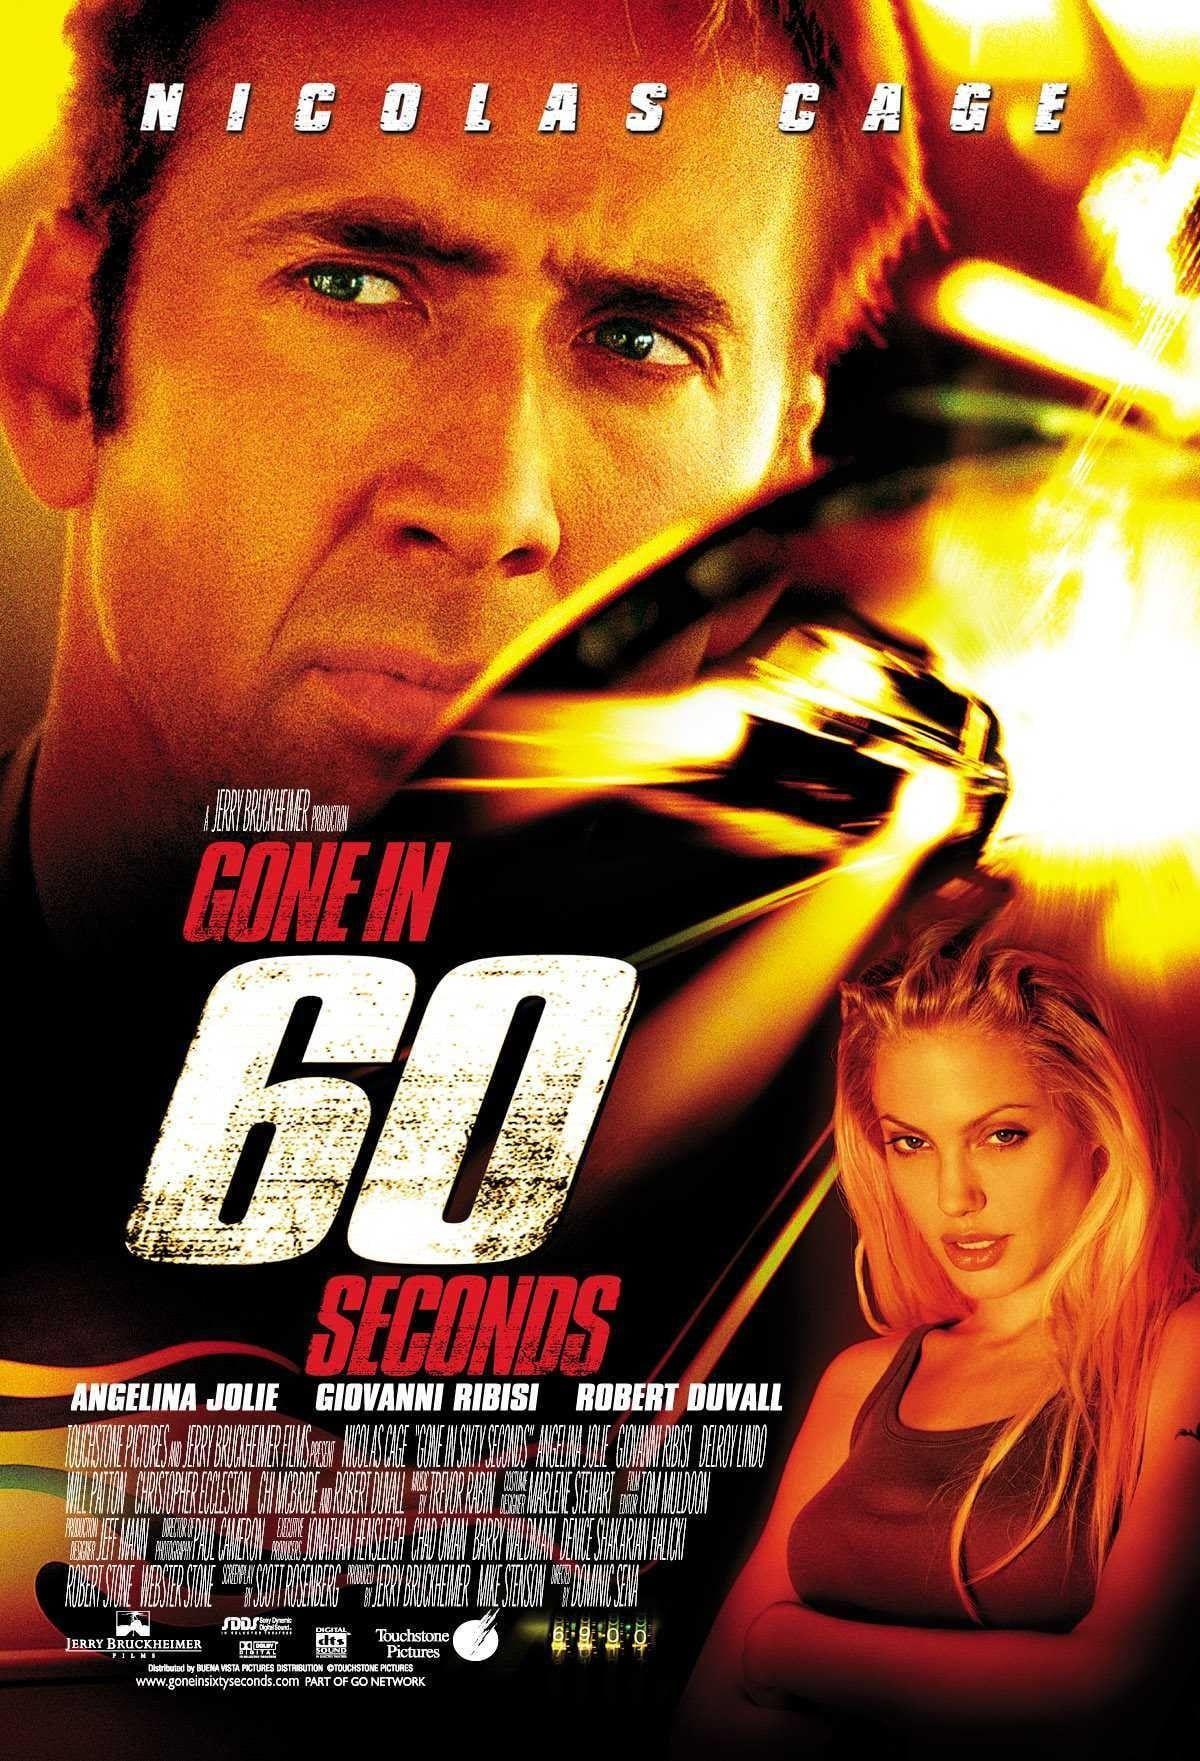 Ver Hd Gone In Sixty Seconds 2000 Pelicula Completa Gratis Online En Espanol Latino Gone In 60 Seconds Gone In Sixty Seconds Movie Posters